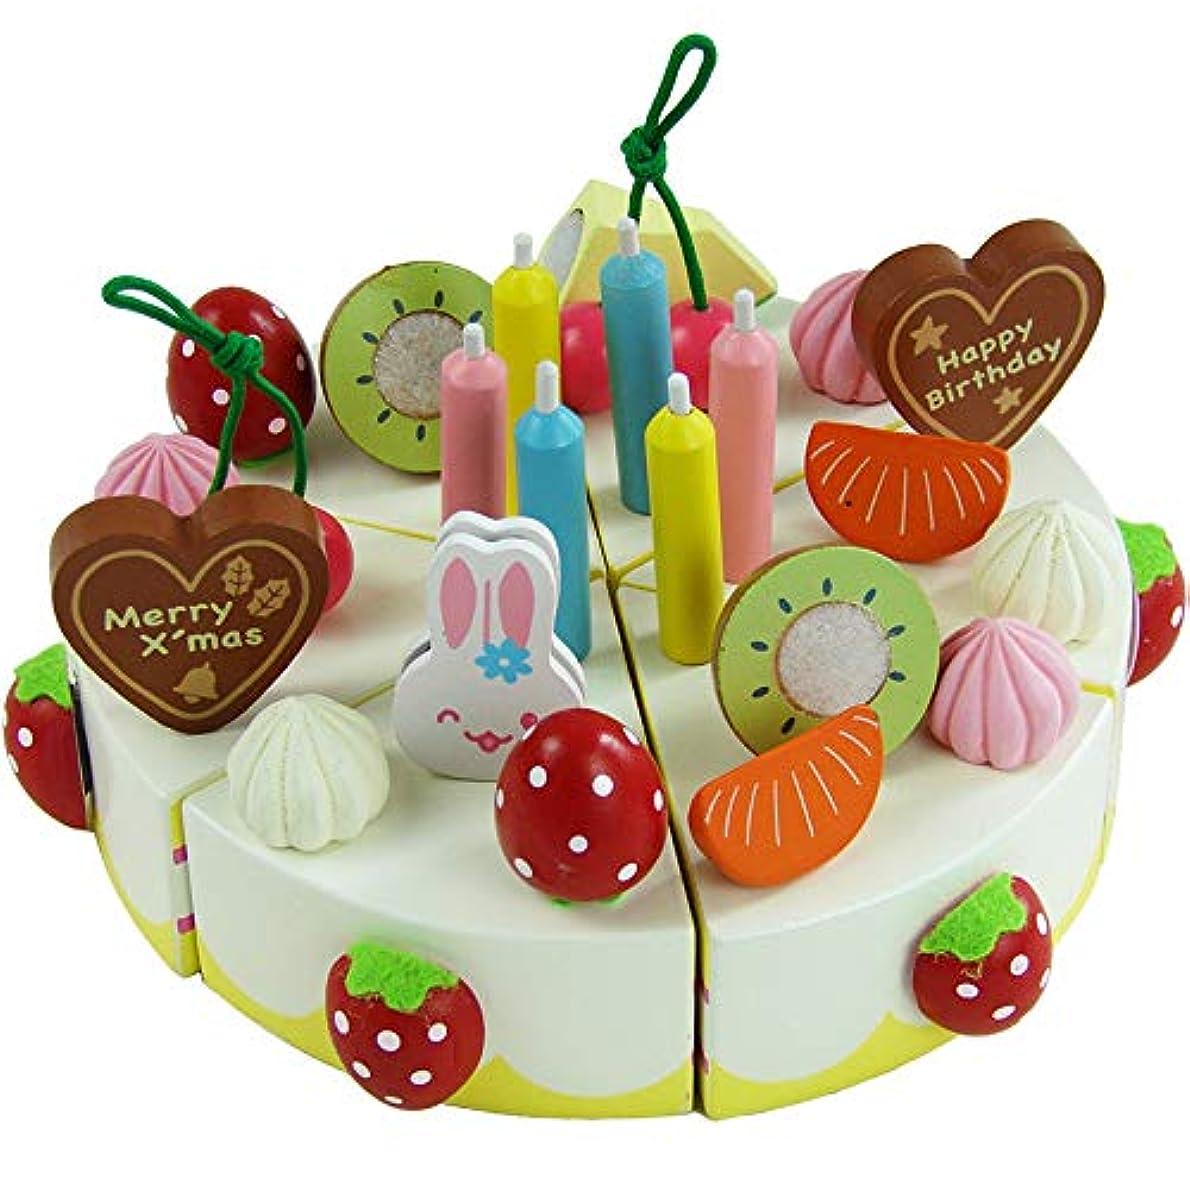 スカウトチャートストラトフォードオンエイボン赤ちゃん知育玩具子供イチゴシミュレーションクリーム誕生日ケーキ木のおもちゃふりプレイキッチン玩具幼児誕生日プレゼント